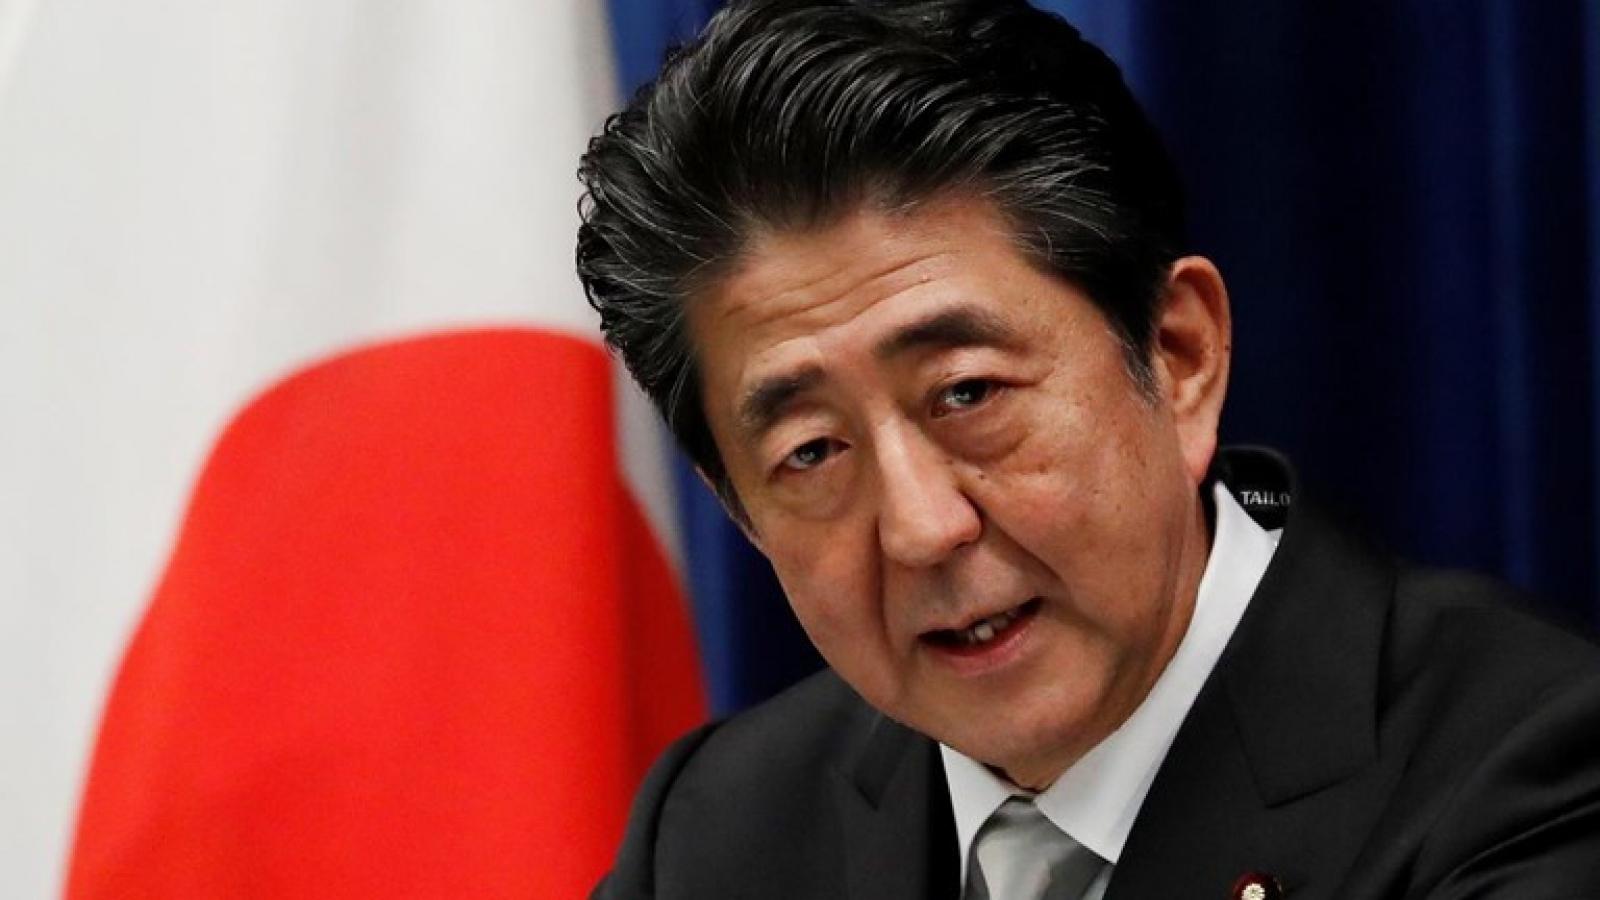 Thủ tướng Abe sẽ nhận trách nhiệm hoàn toàn về dịch Covid-19